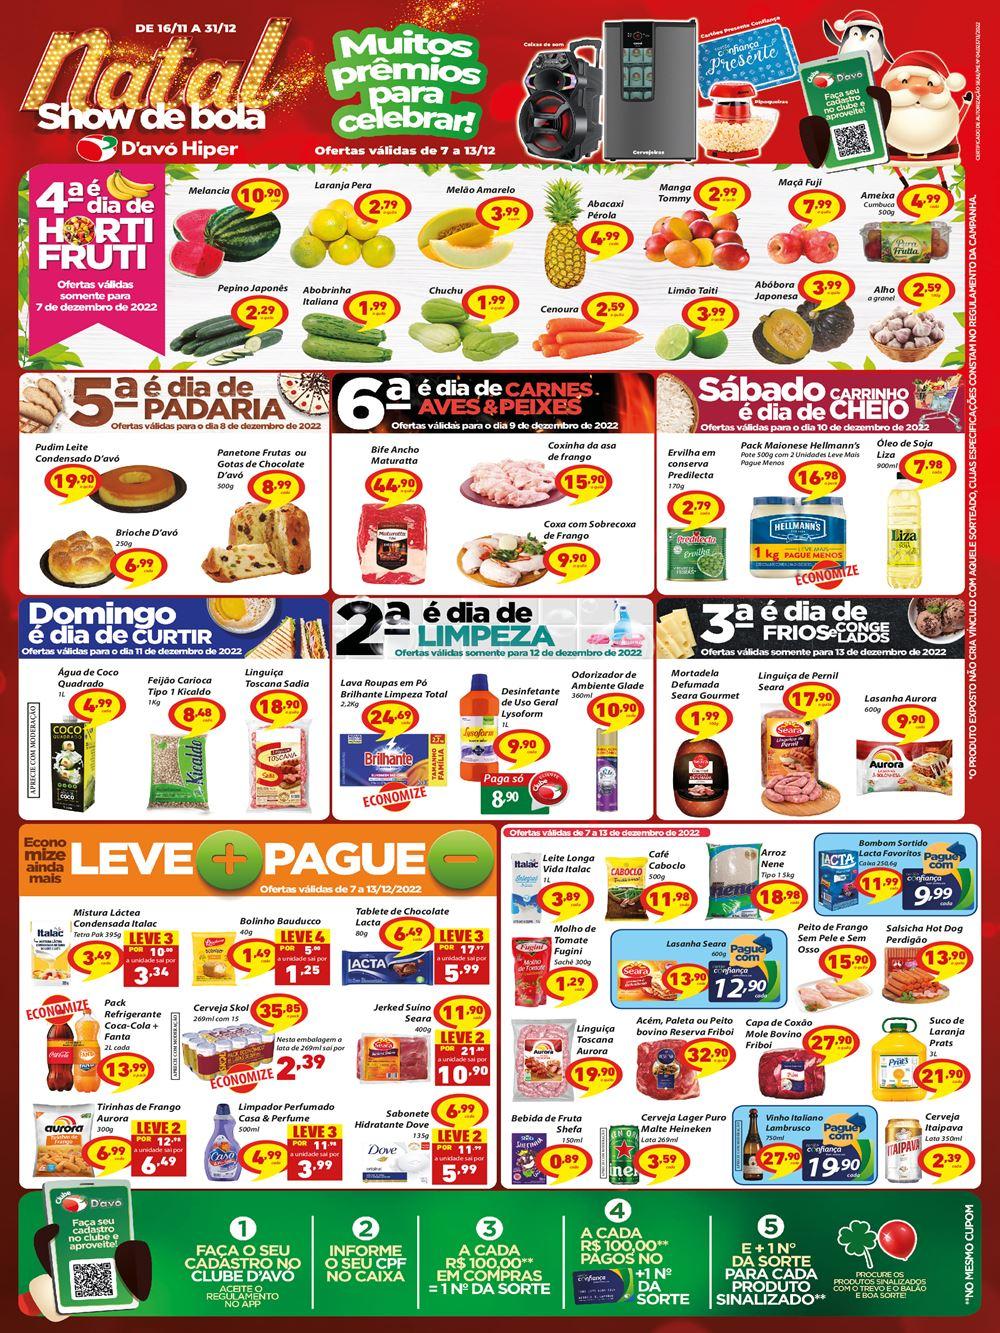 davo-ofertas-descontos-hoje1-6 Ofertas de supermercados